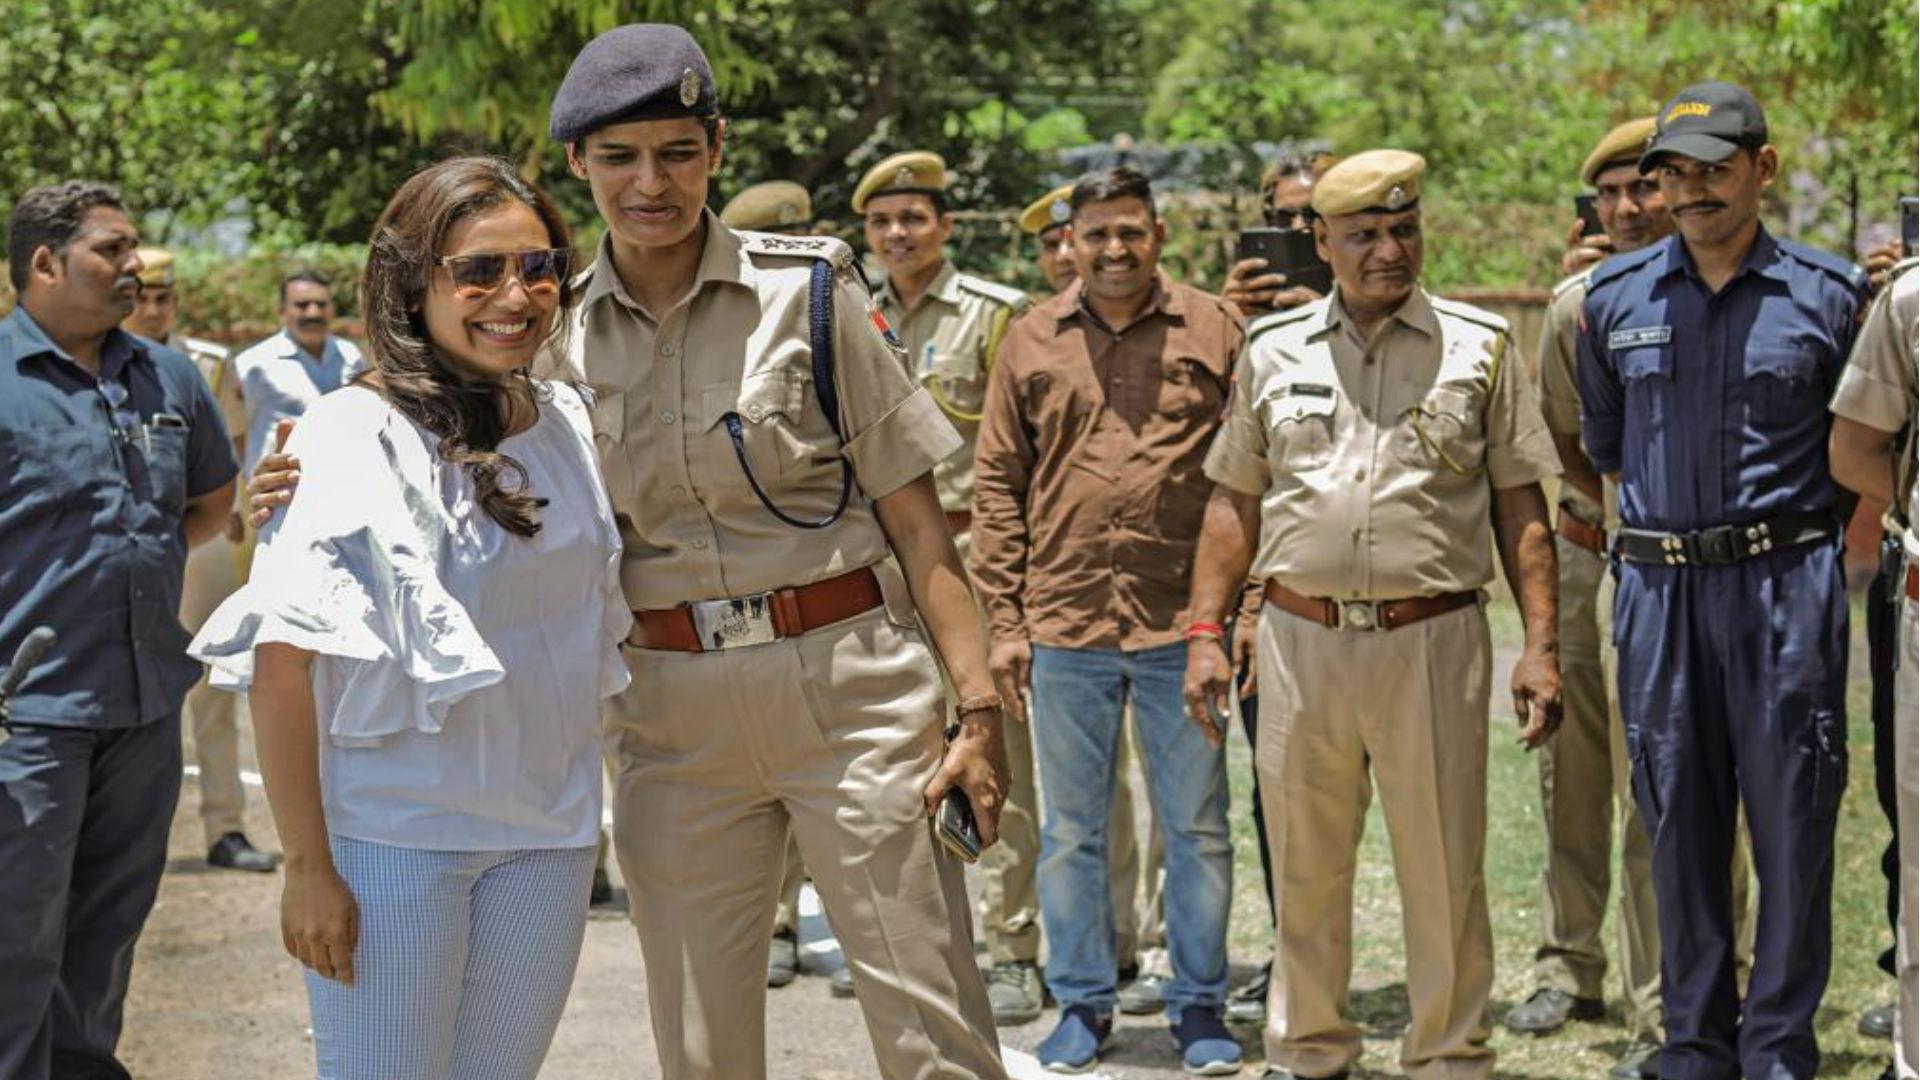 Mardaani 2 Movie: राजस्थान में जब असल 'मर्दानी' अमृता दूहन से हुई रील लाइफ 'मर्दानी' रानी मुखर्जी की मुलाकात